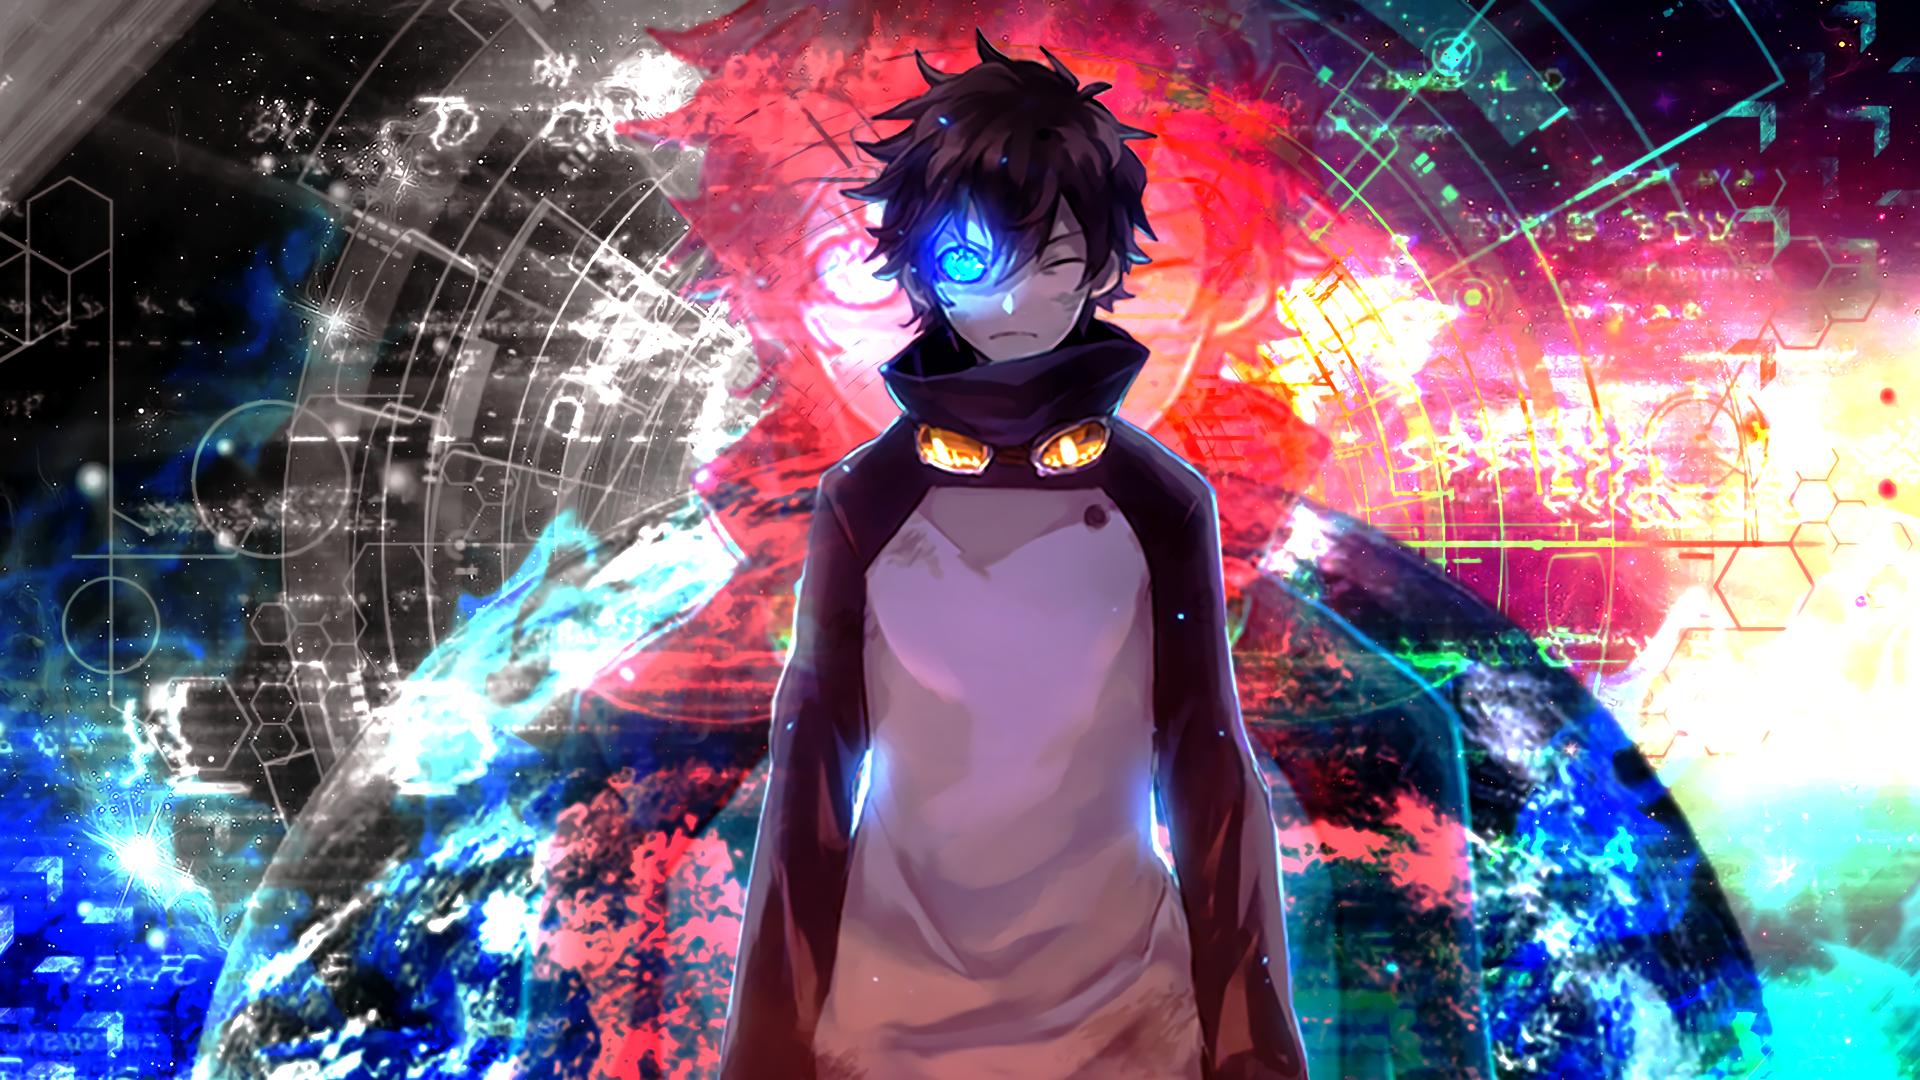 Pin Oleh Amy 004u Di Anime Gambar Manga Gambar Anime Gambar